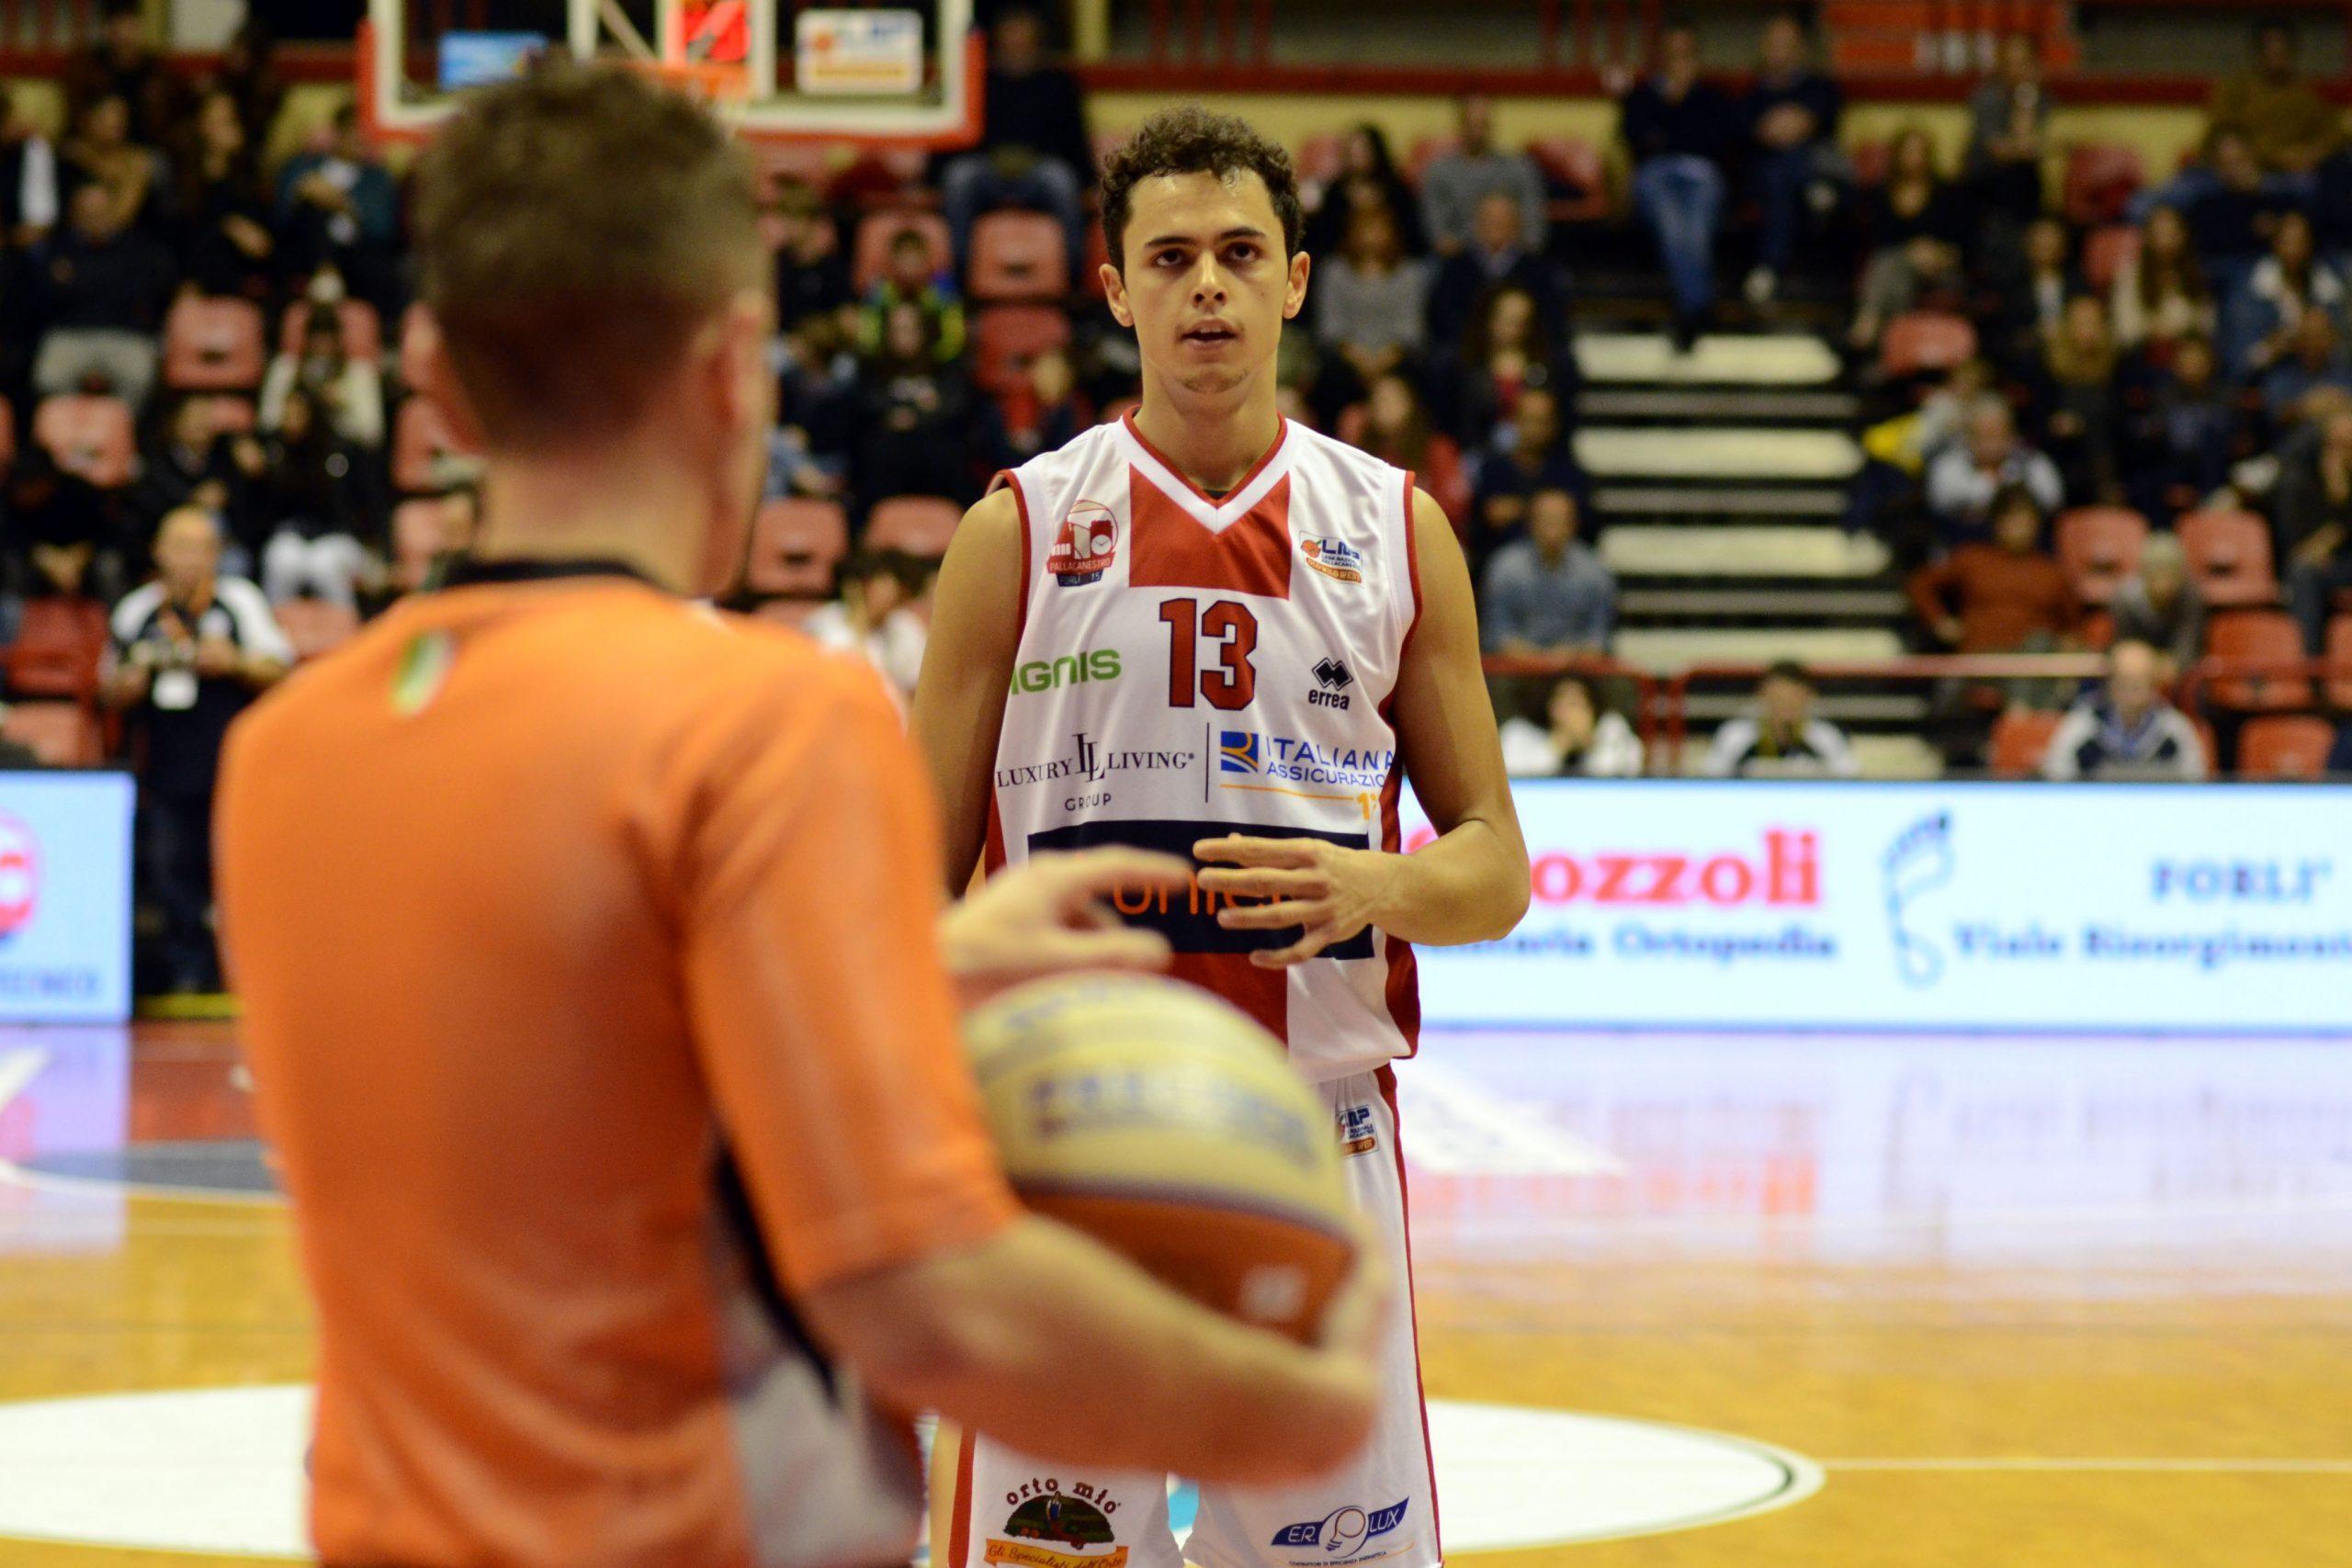 Basket, l'Unieuro non si ferma più (81-67)  - VIDEO